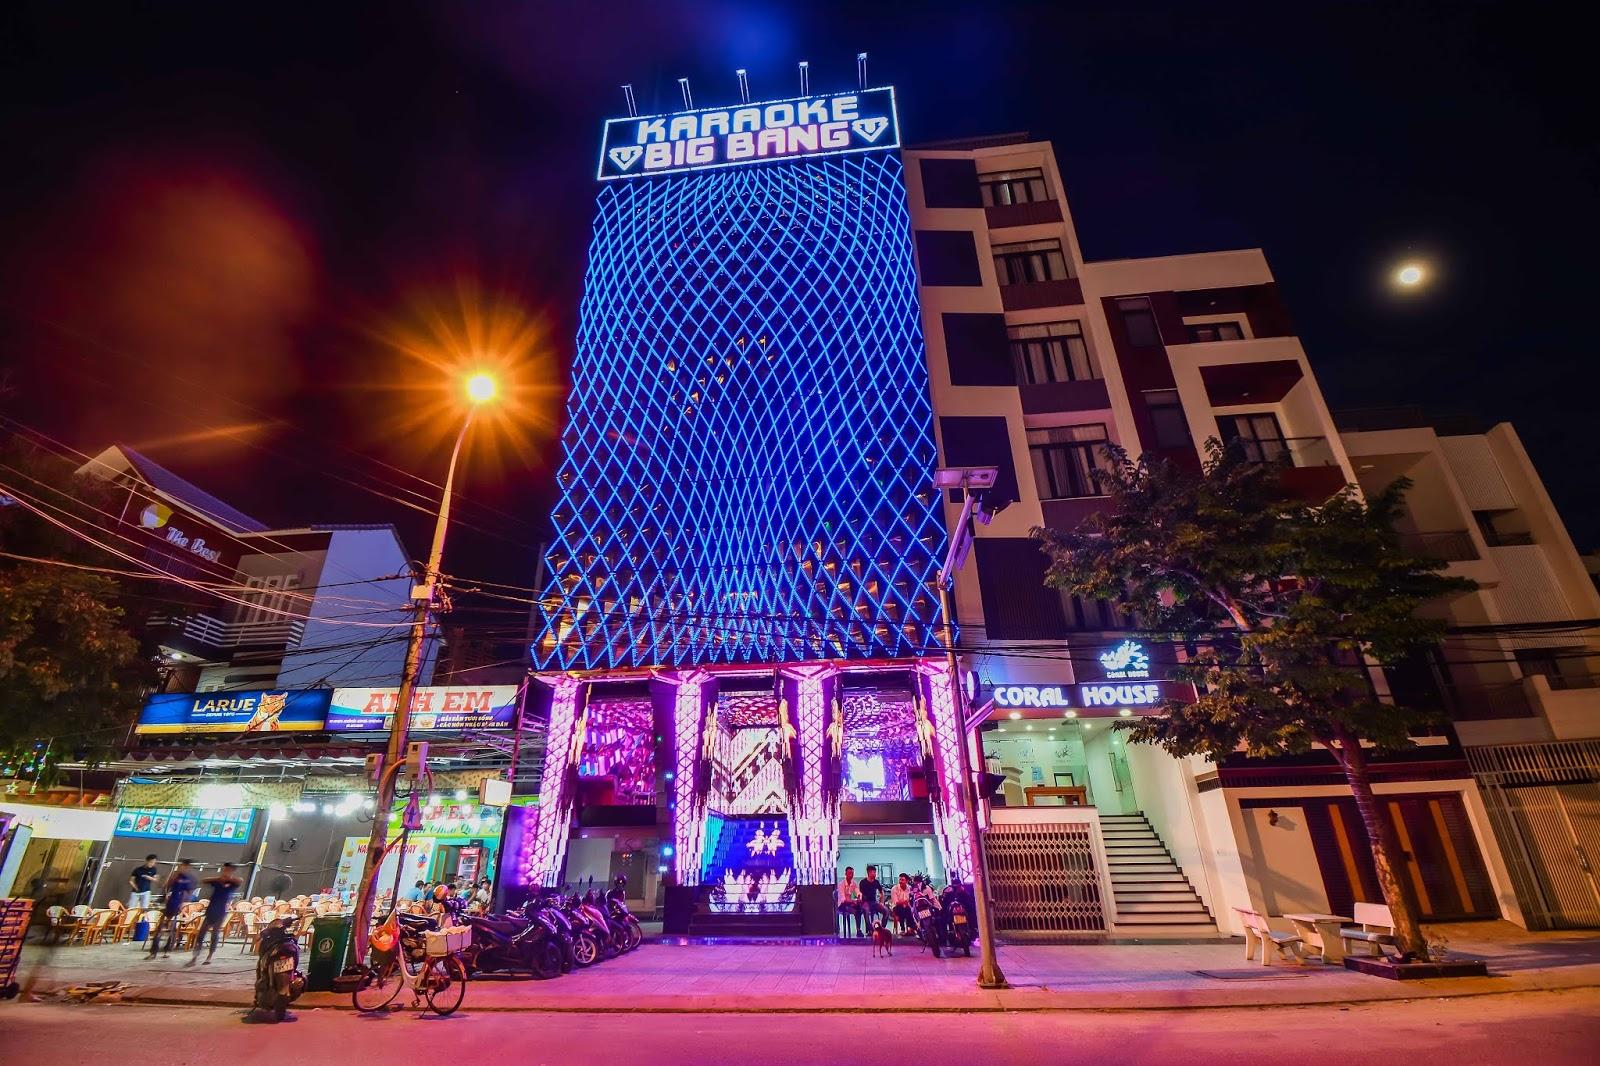 Dịch vụ chụp ảnh quảng cáo, nội ngoại thất tại Đà Nẵng, Quảng Nam